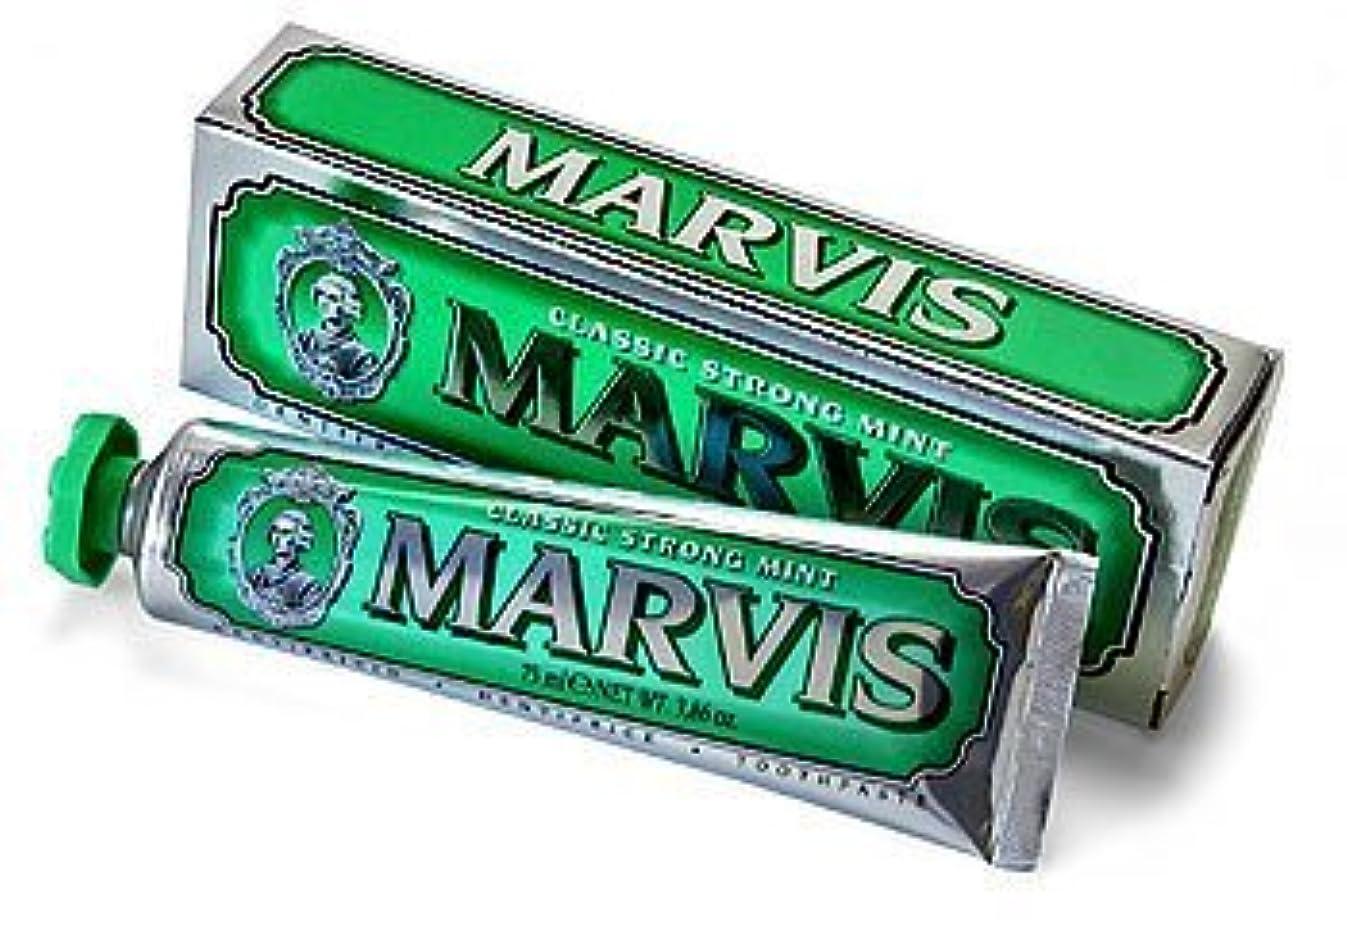 精緻化ヘッジチェリーMarvis Classic Strong Mint Toothpaste - 75ml by Marvis [並行輸入品]